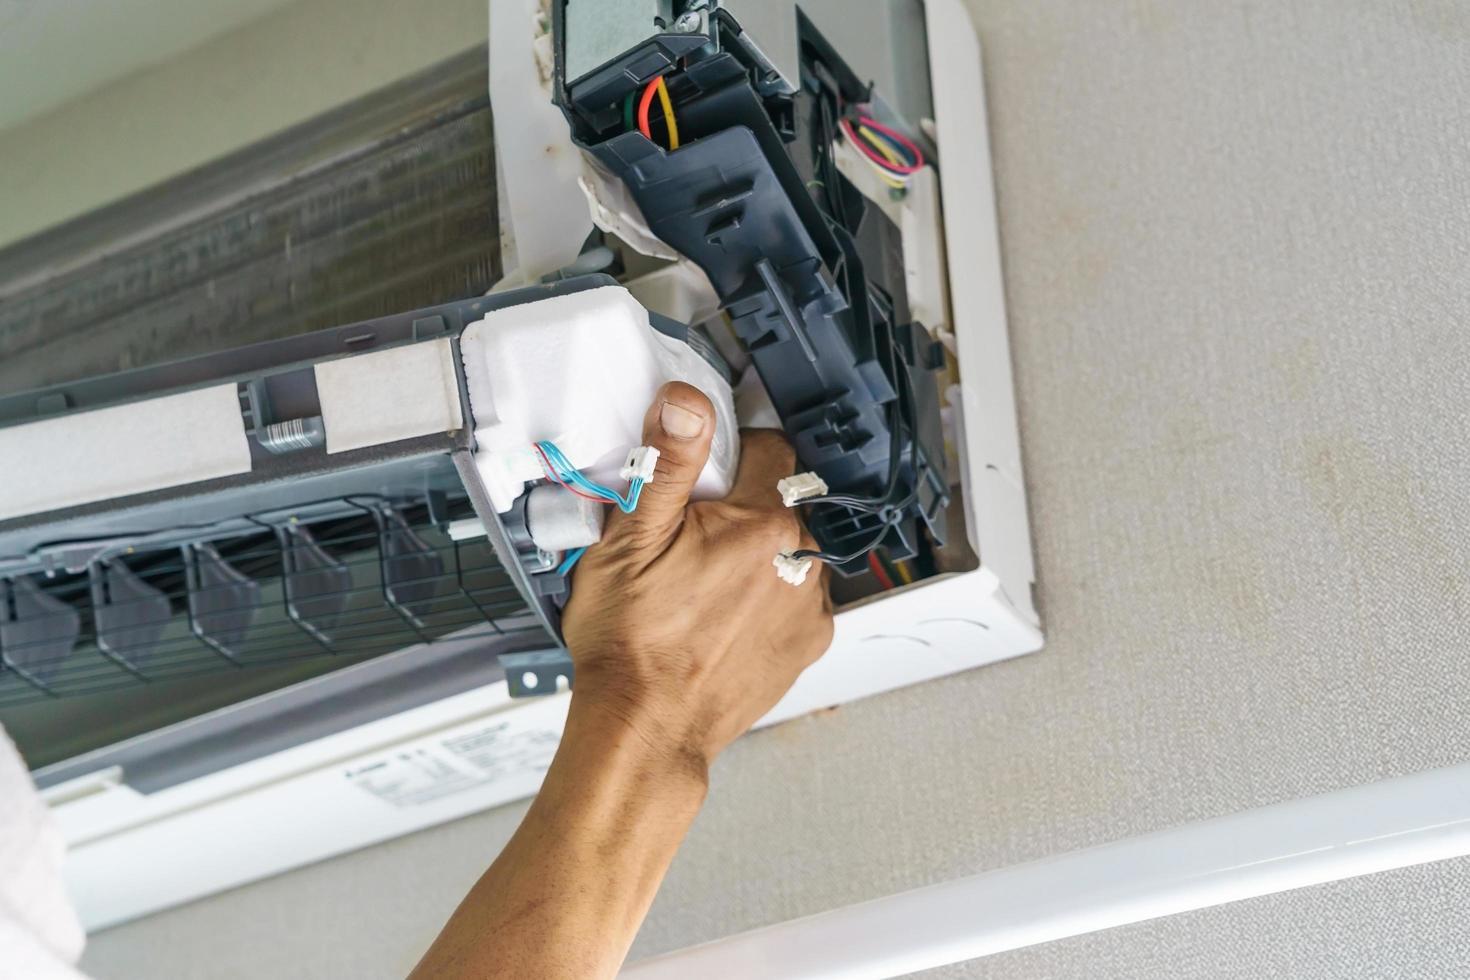 un technicien de service nettoie le climatiseur photo